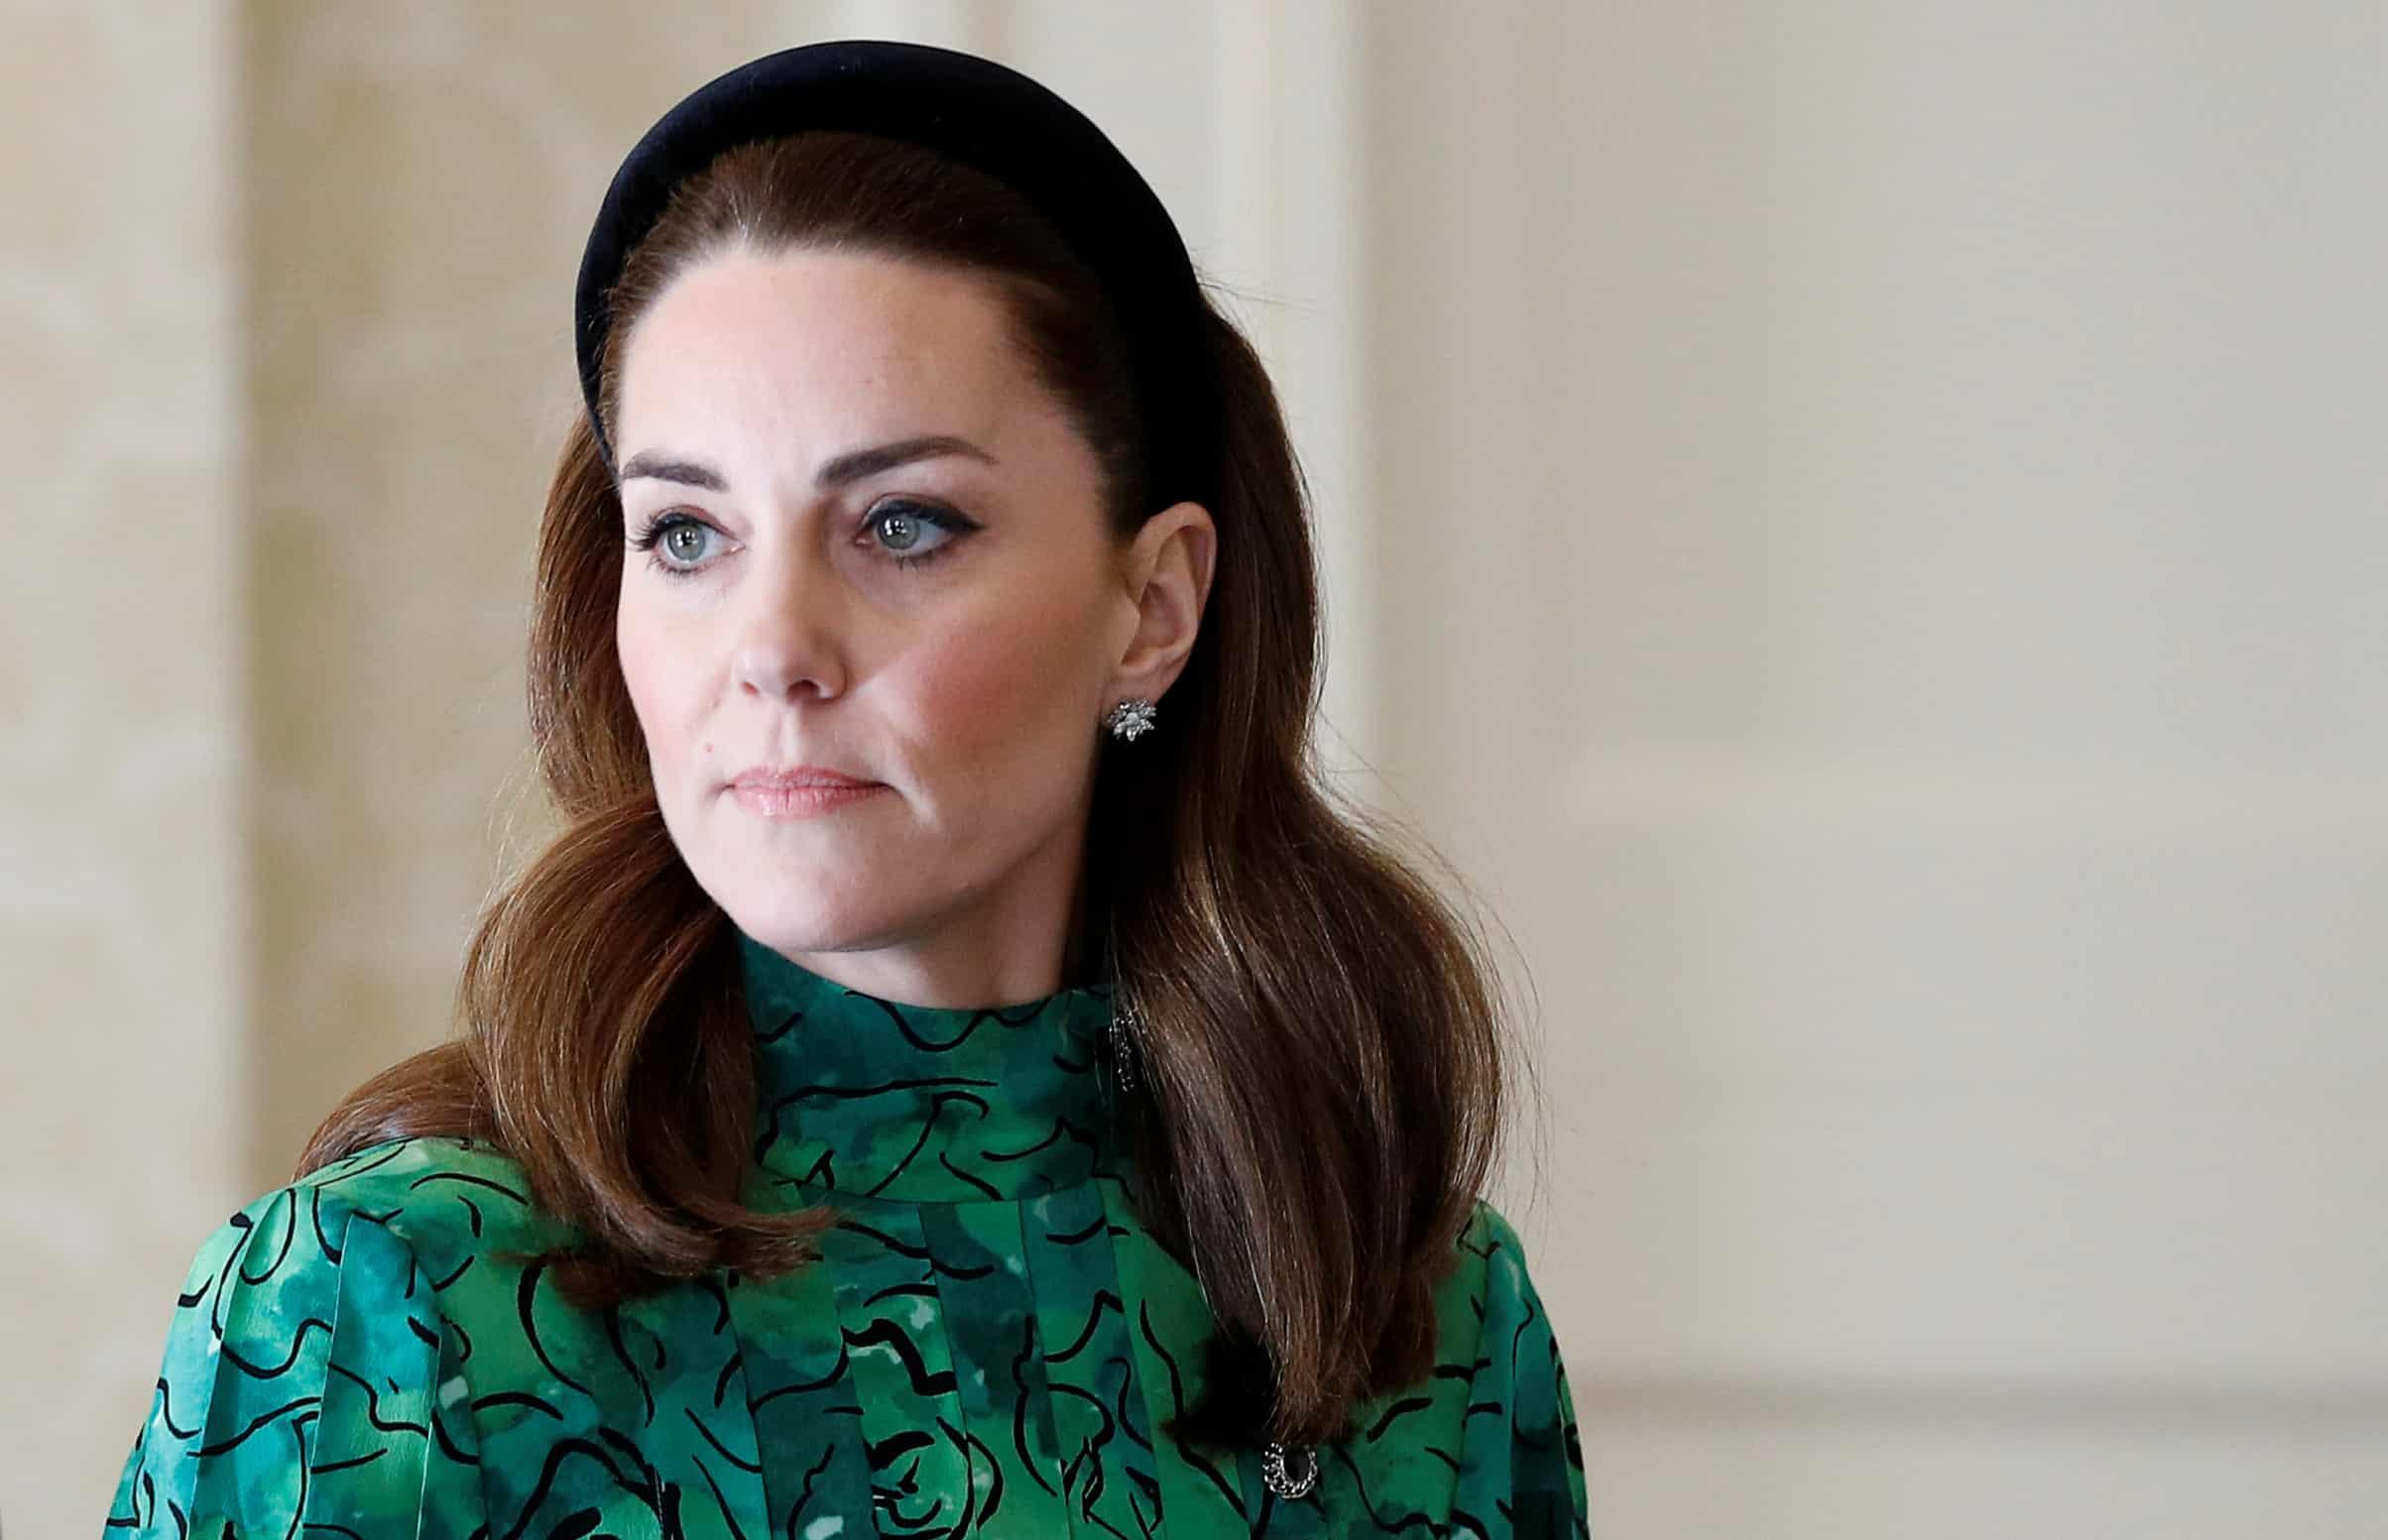 Herzogin Kate: Unpassender Kommentar über ihre schlanke Figur